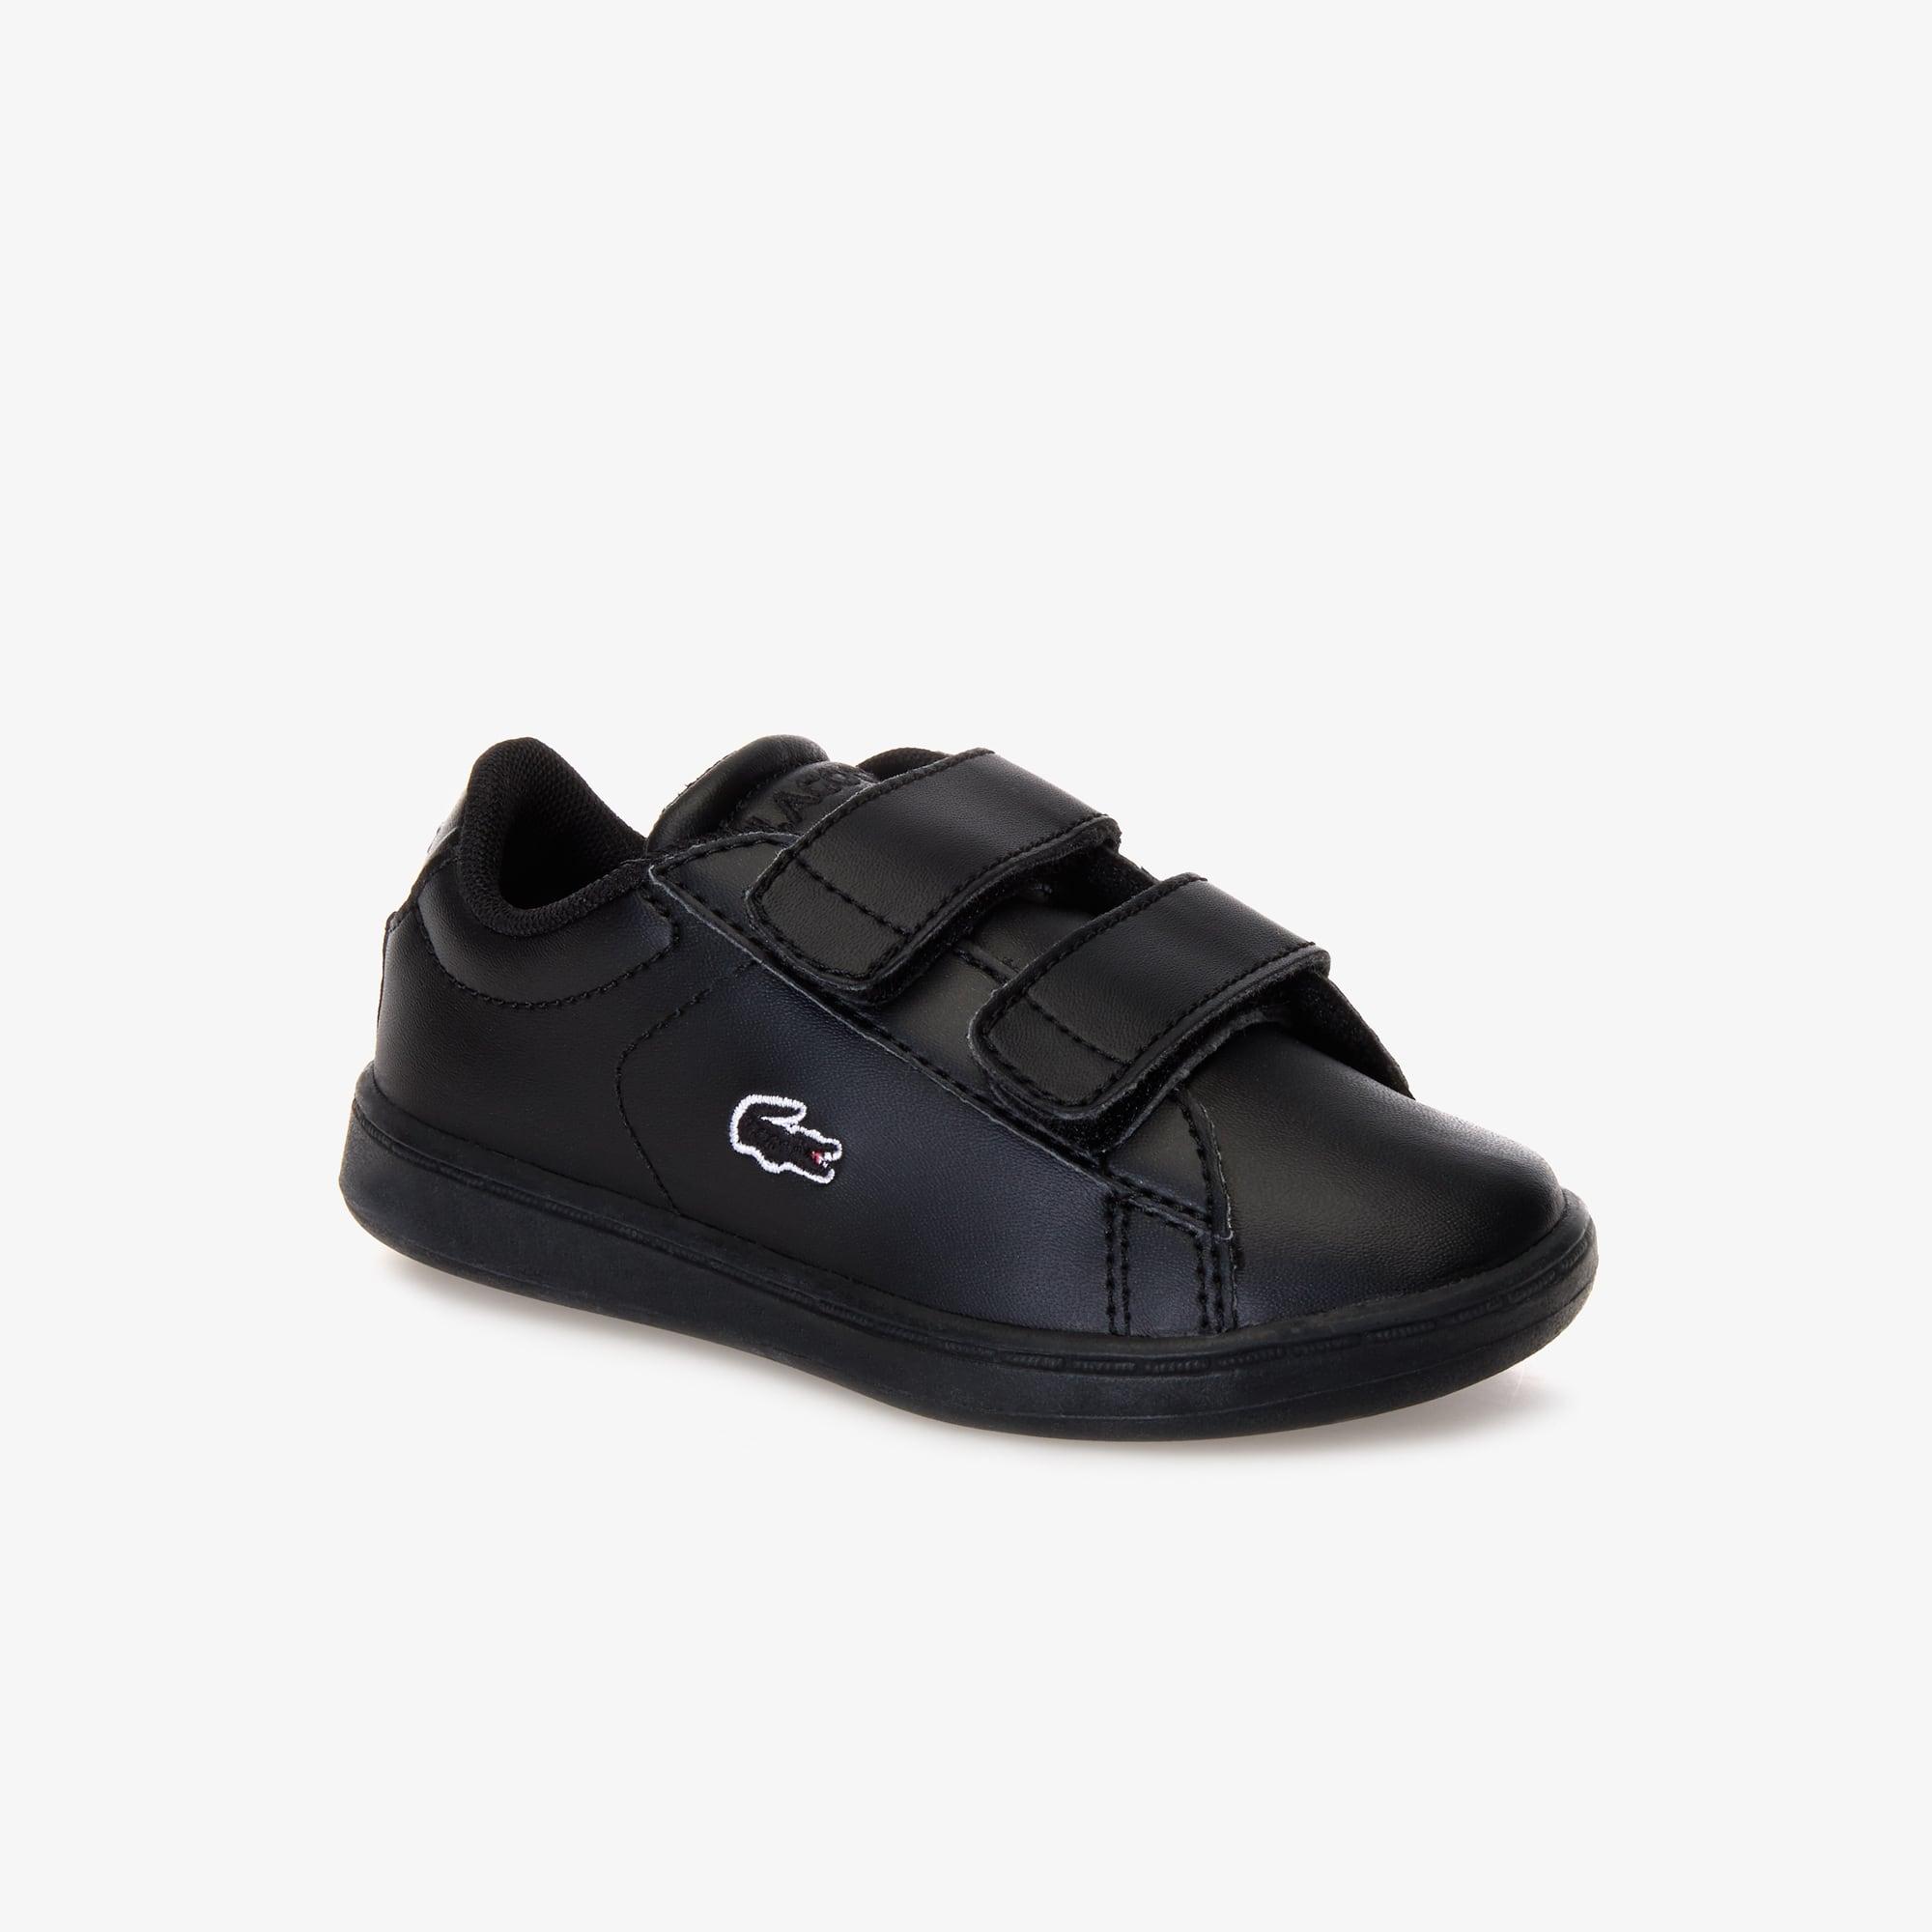 fc0a27441f Sneakers Carnaby Evo bébé en synthétique avec crocodile ton sur ton